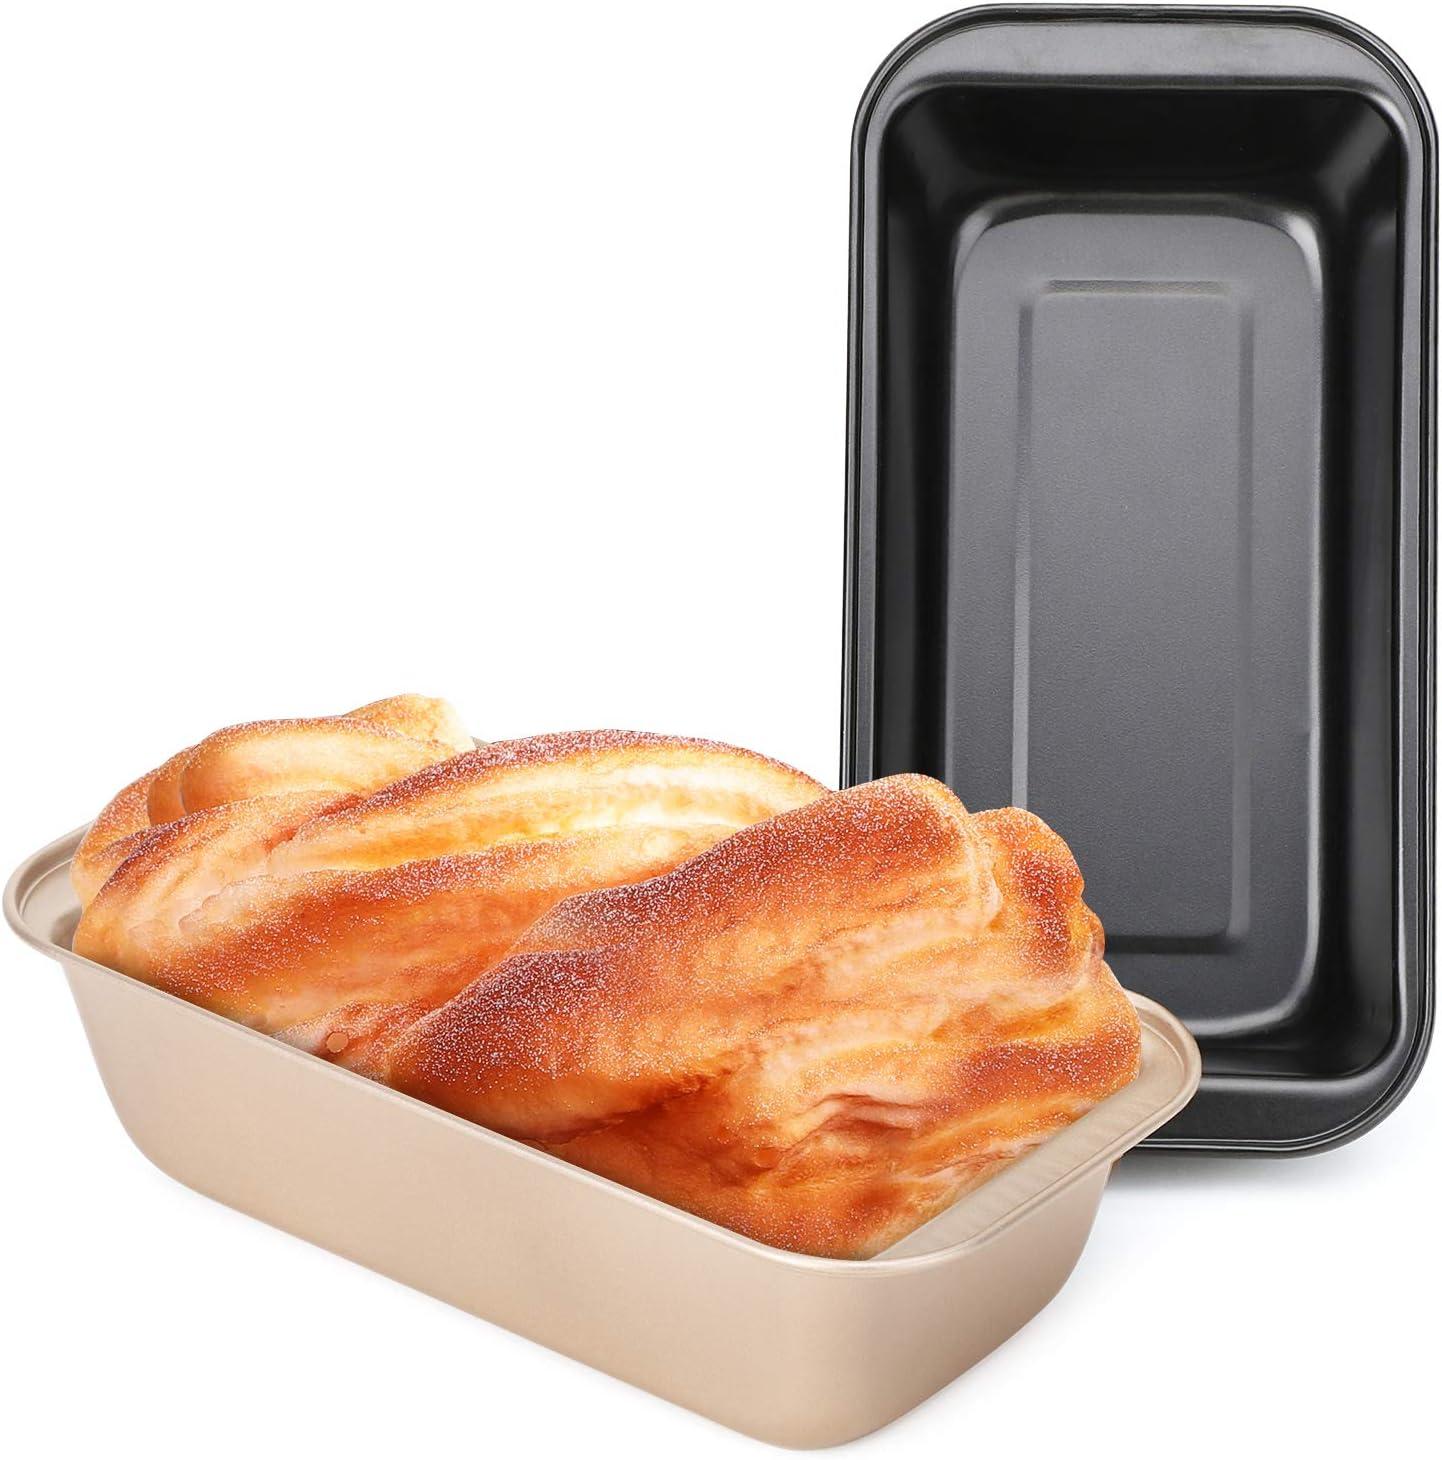 قوالب خبز غير لاصق بيسيا، مجموعة من 2 الأسود والذهبي